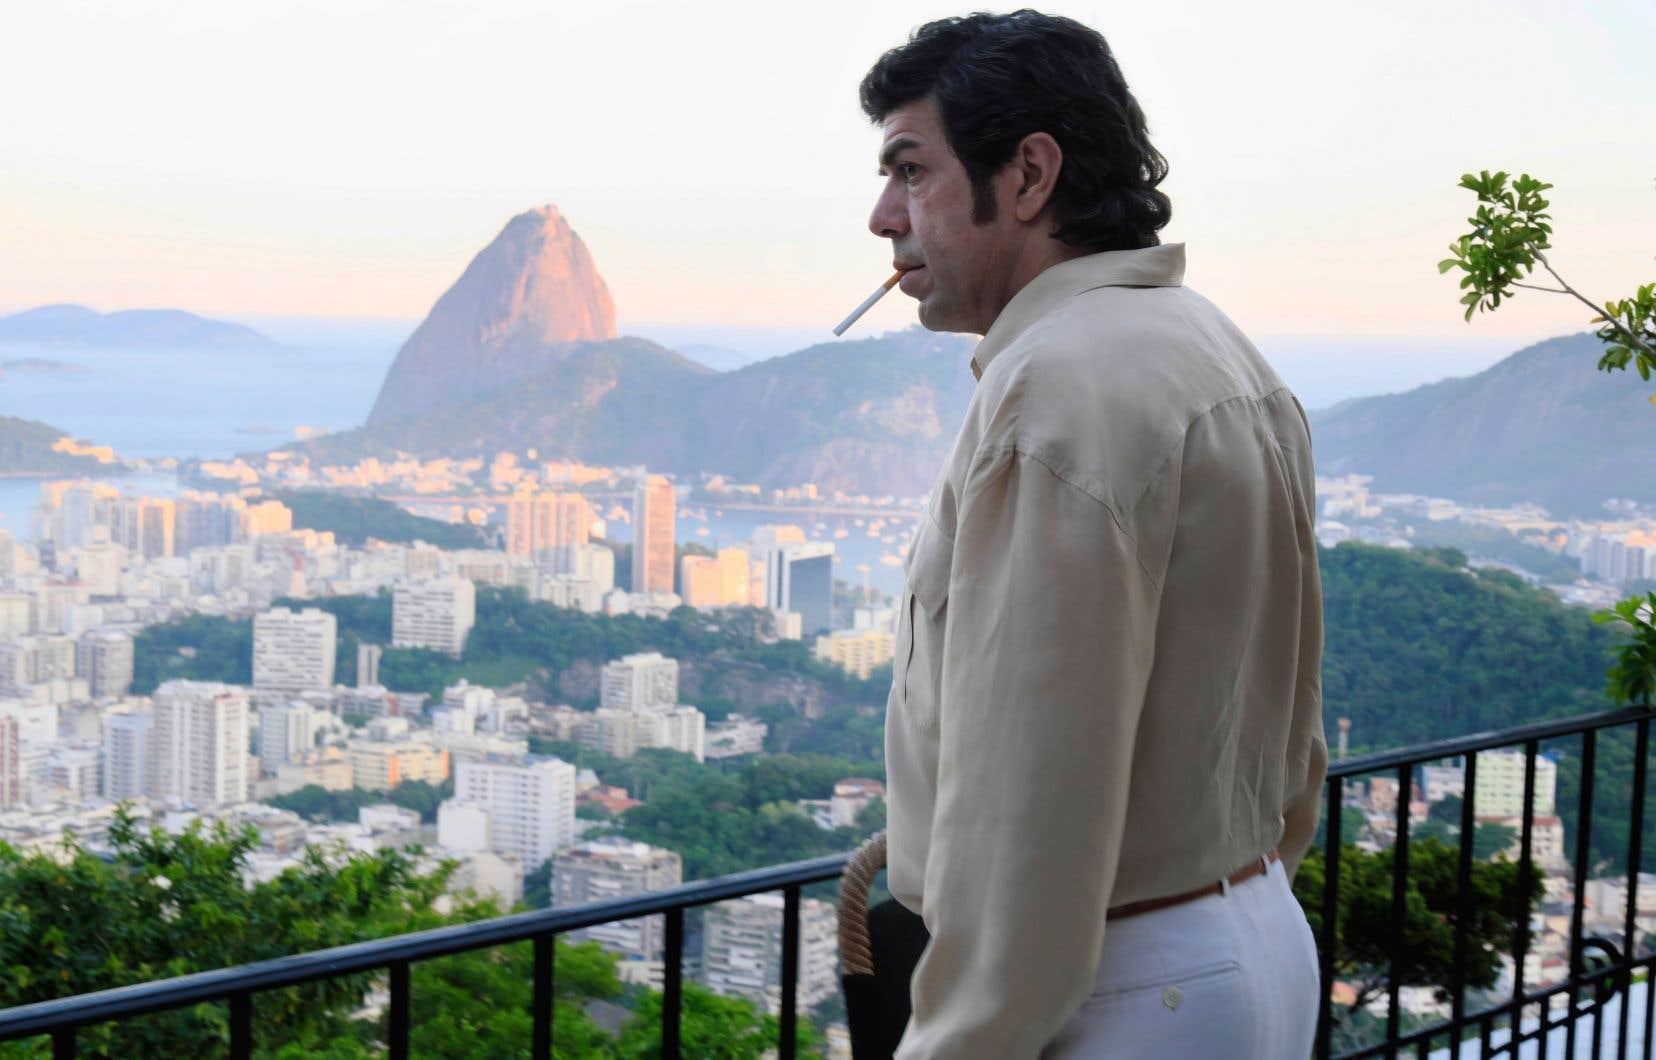 Dans «Le traître», le parrain Tommaso Buscetta (interprété par Pierfrancesco Favino) se réfugie au Brésil pour dénoncer les autres membres de la Cosa Nostra.